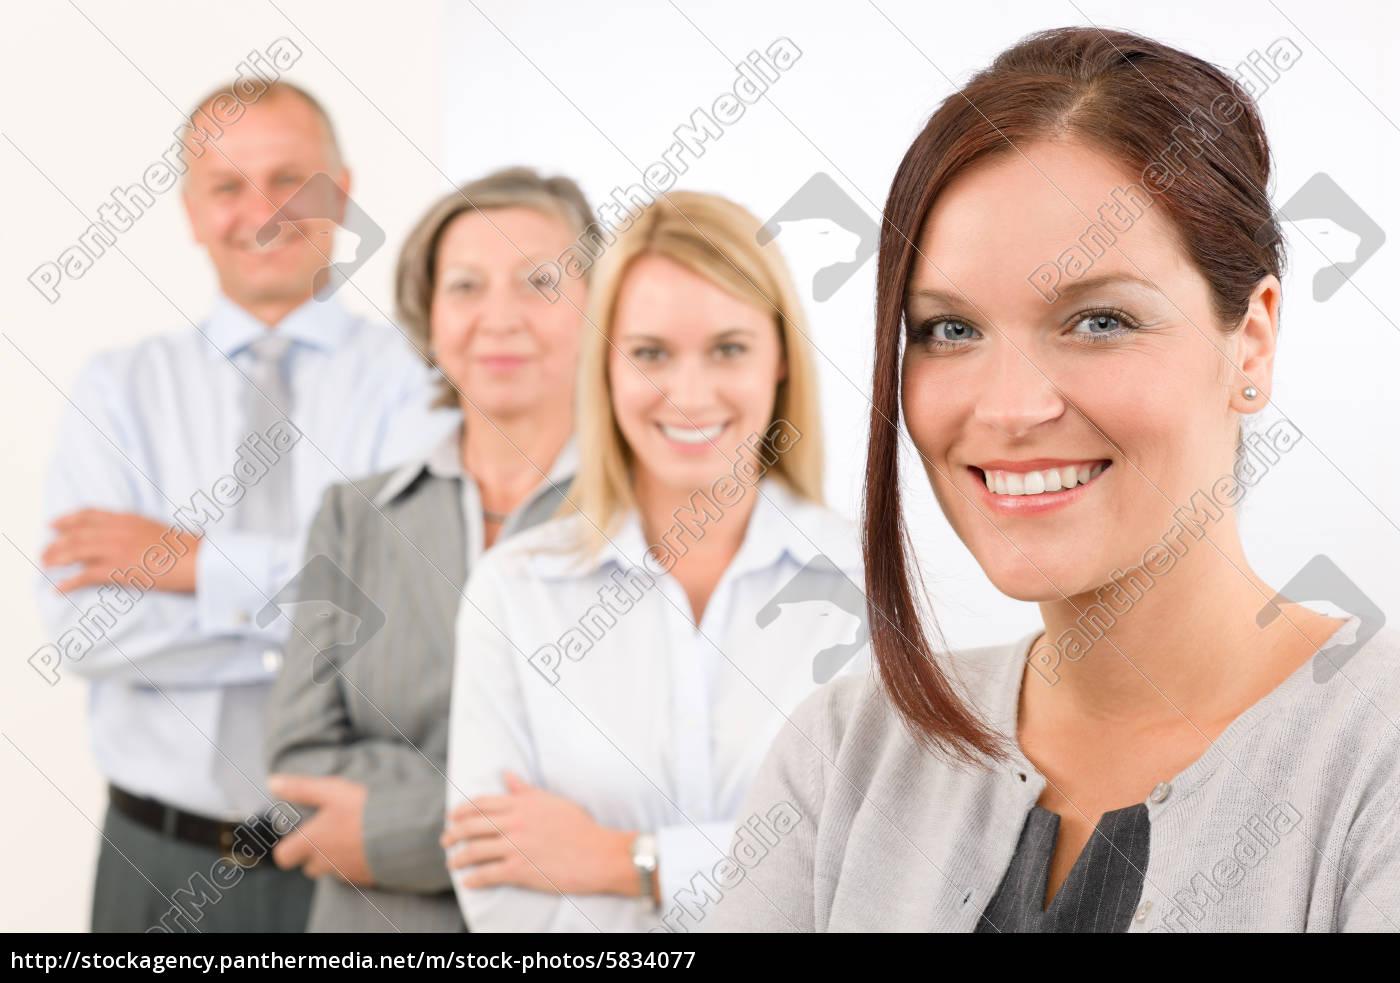 equipe, de, negócios, feliz, em, pé - 5834077